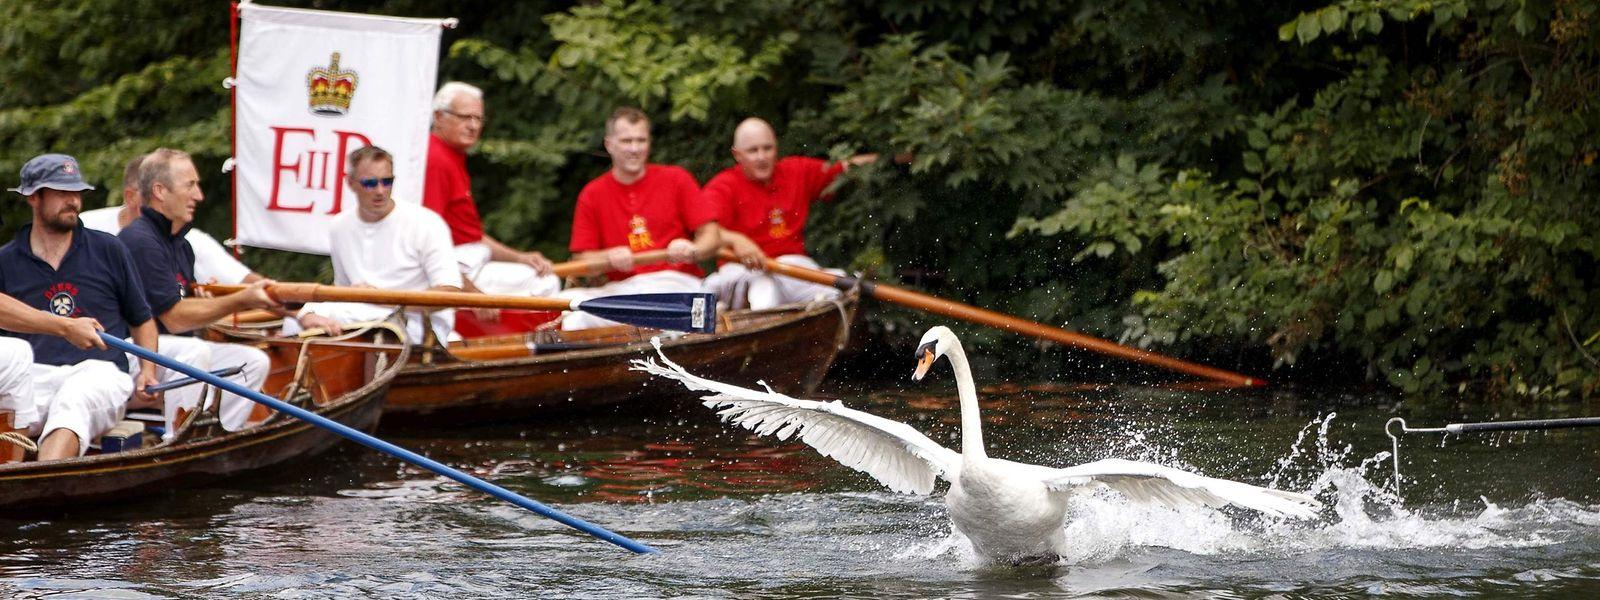 """Während des sogenannten """"Swan Upping Census"""" werden die alle Schwäne auf der Themse gezählt."""